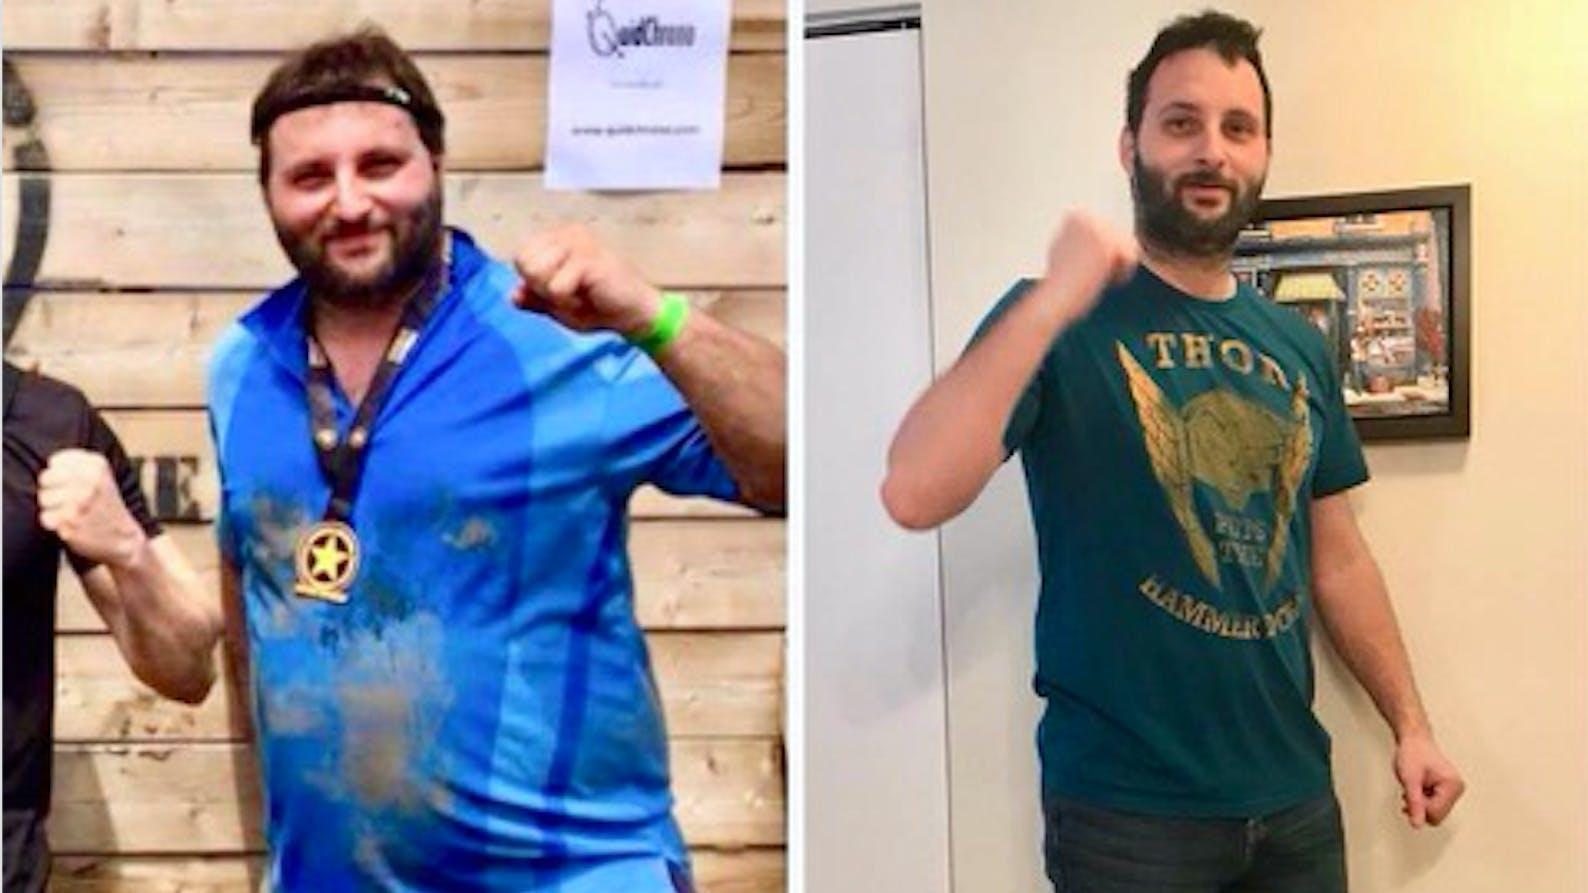 """La dieta cetogénica: """"Pasé de 139 kg a 102 kg y me siento genial"""""""